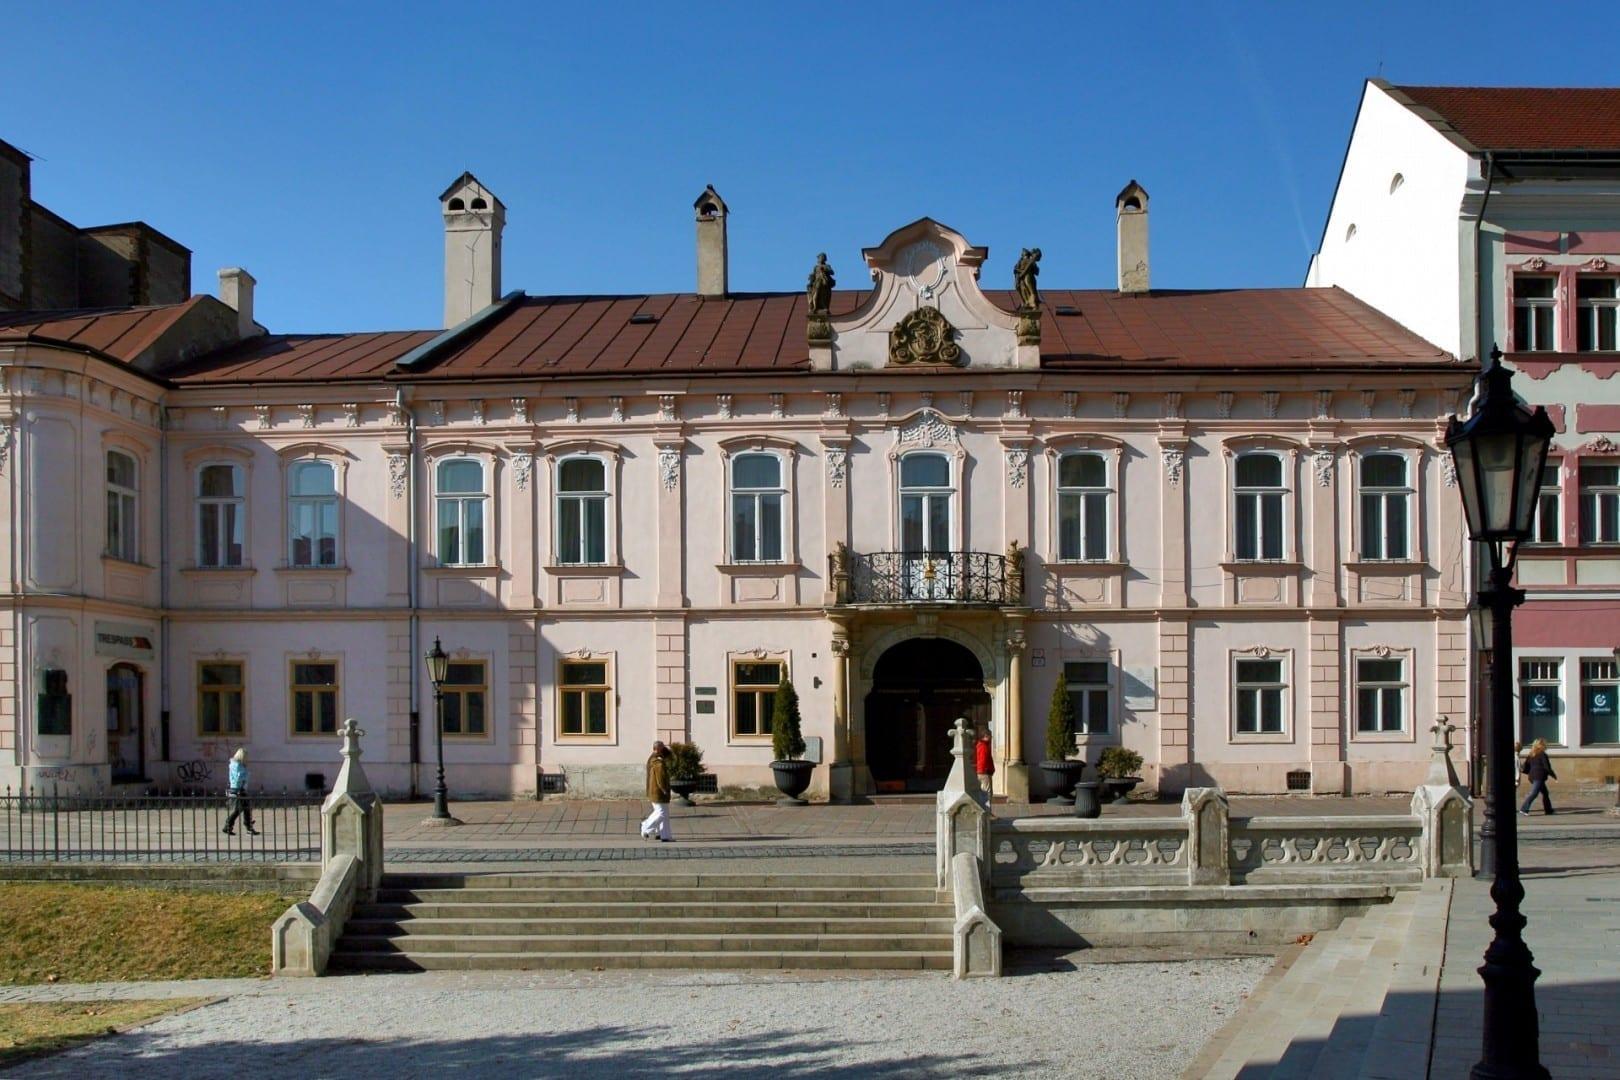 El Palacio Barroco del Obispo Košice República Eslovaca